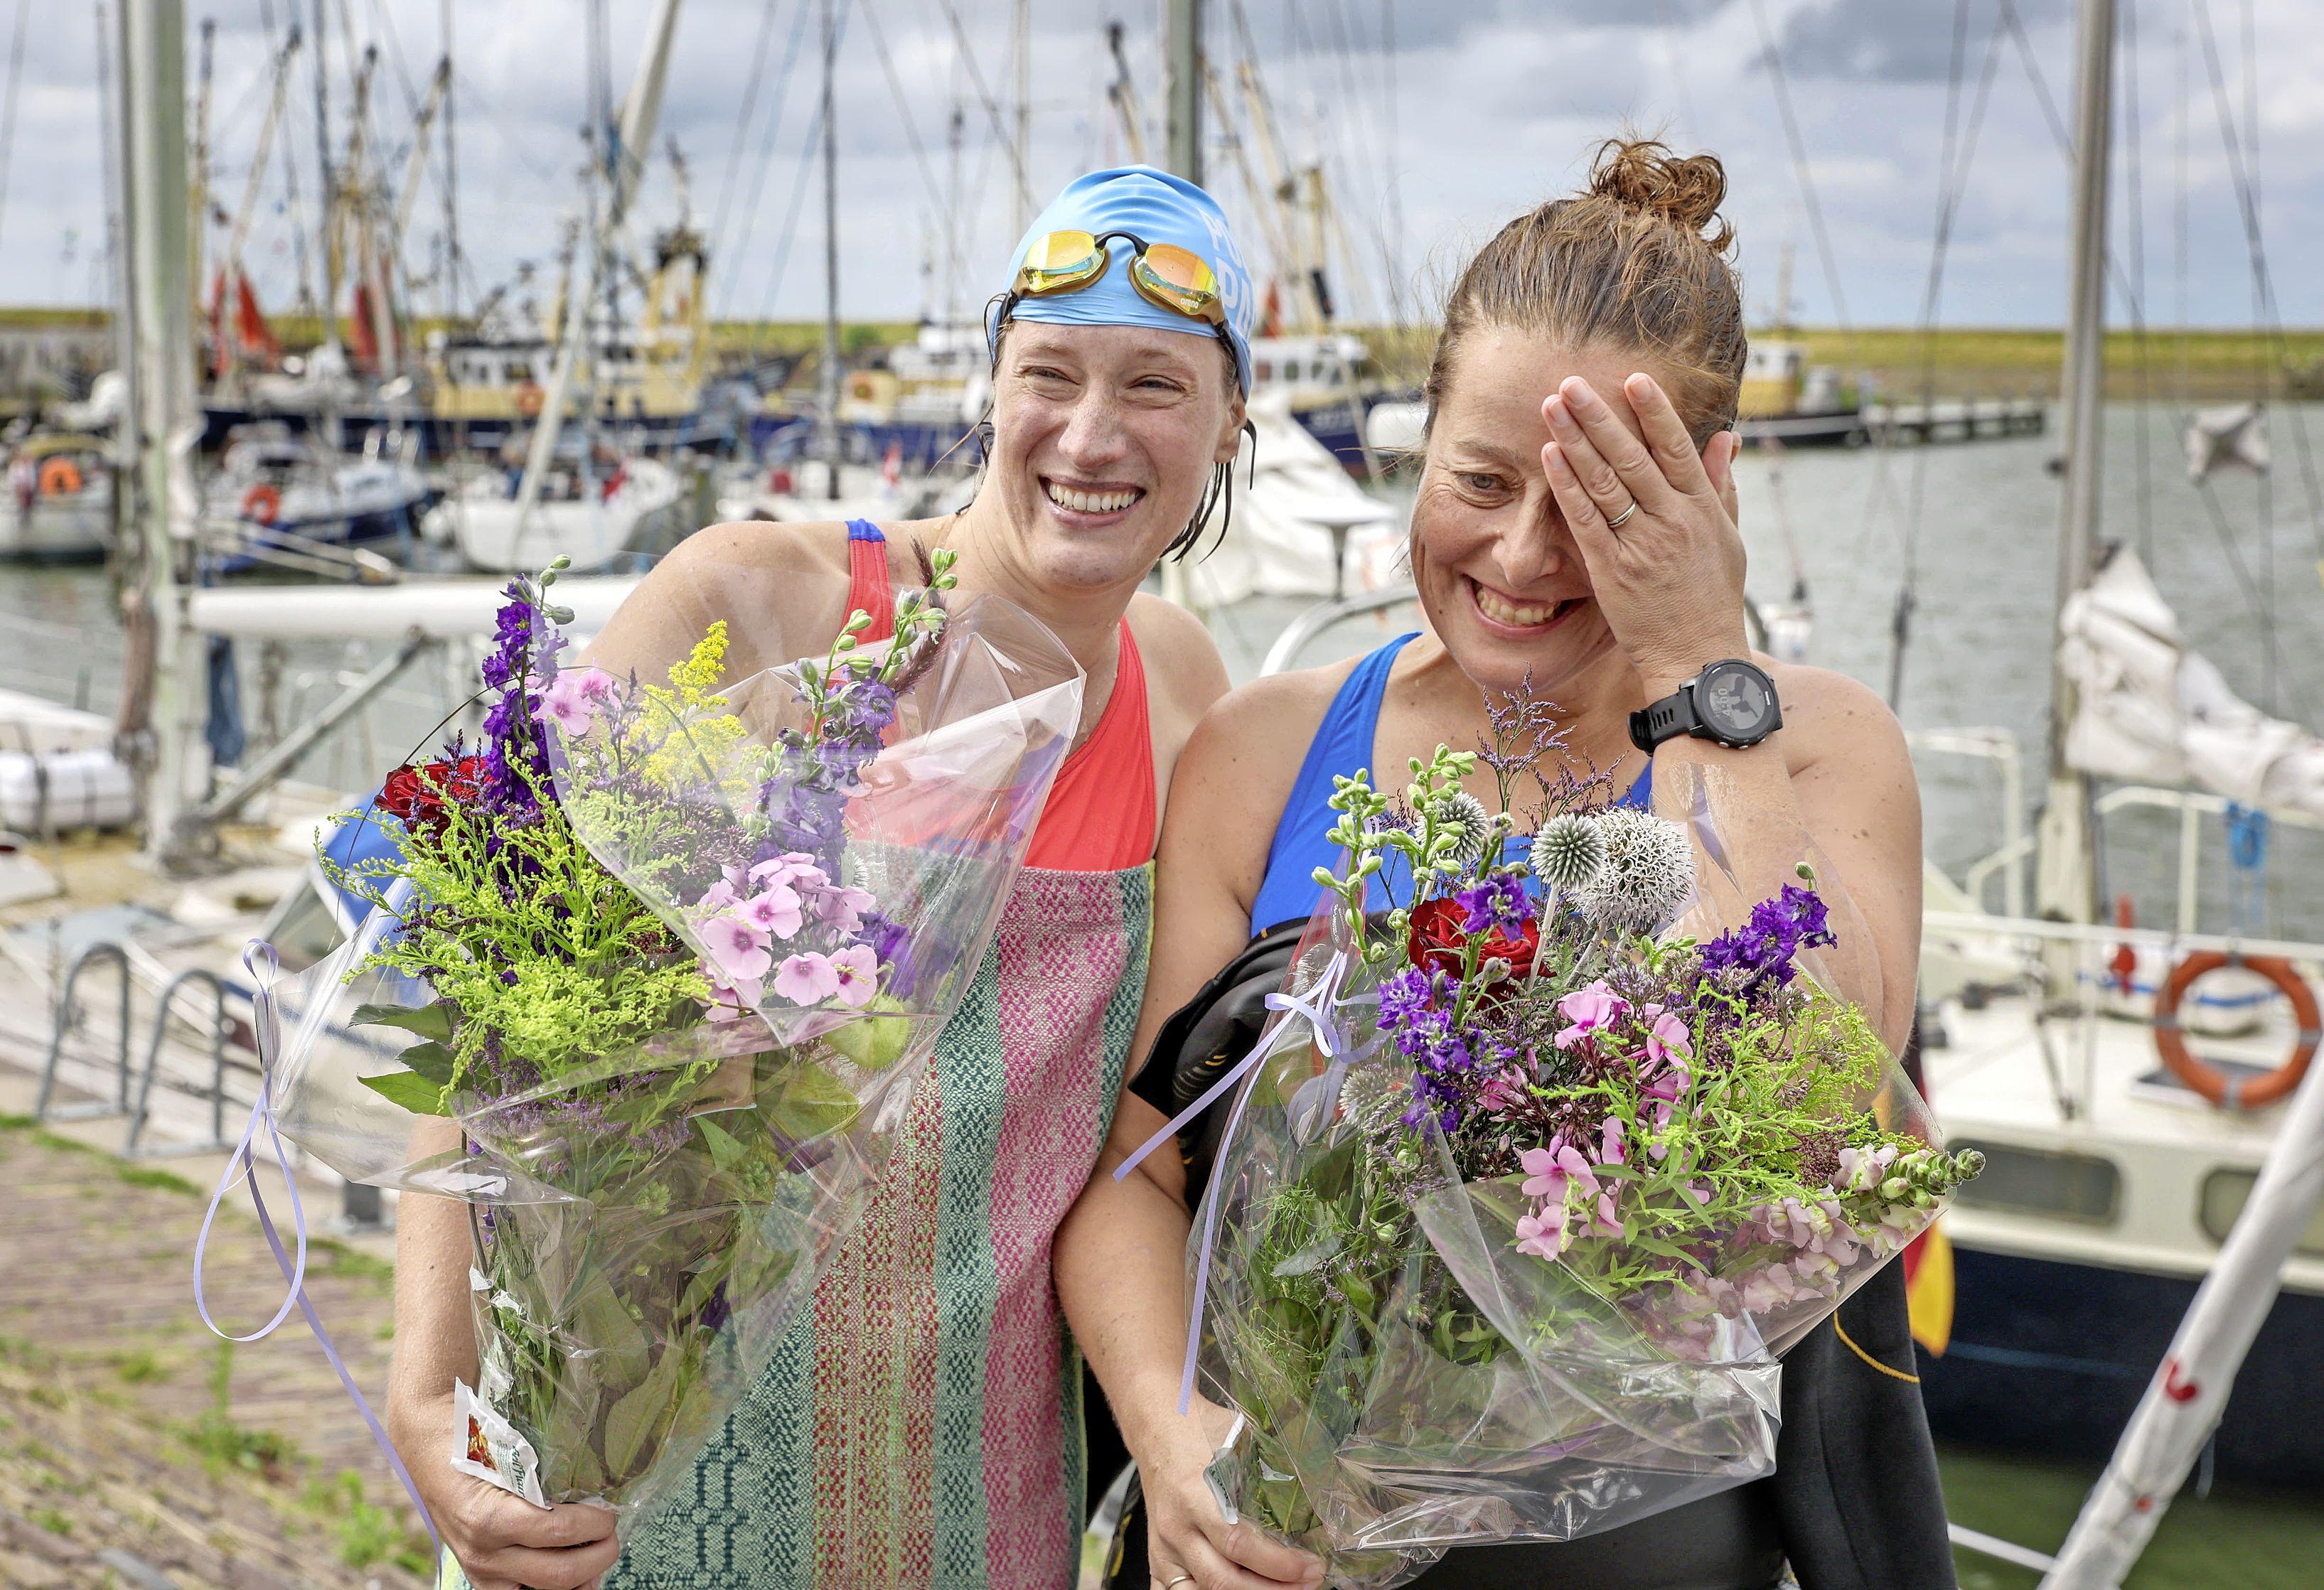 Zwemsters steken in dag het IJsselmeer over 'Heel zwaar, maar ook bijzonder'